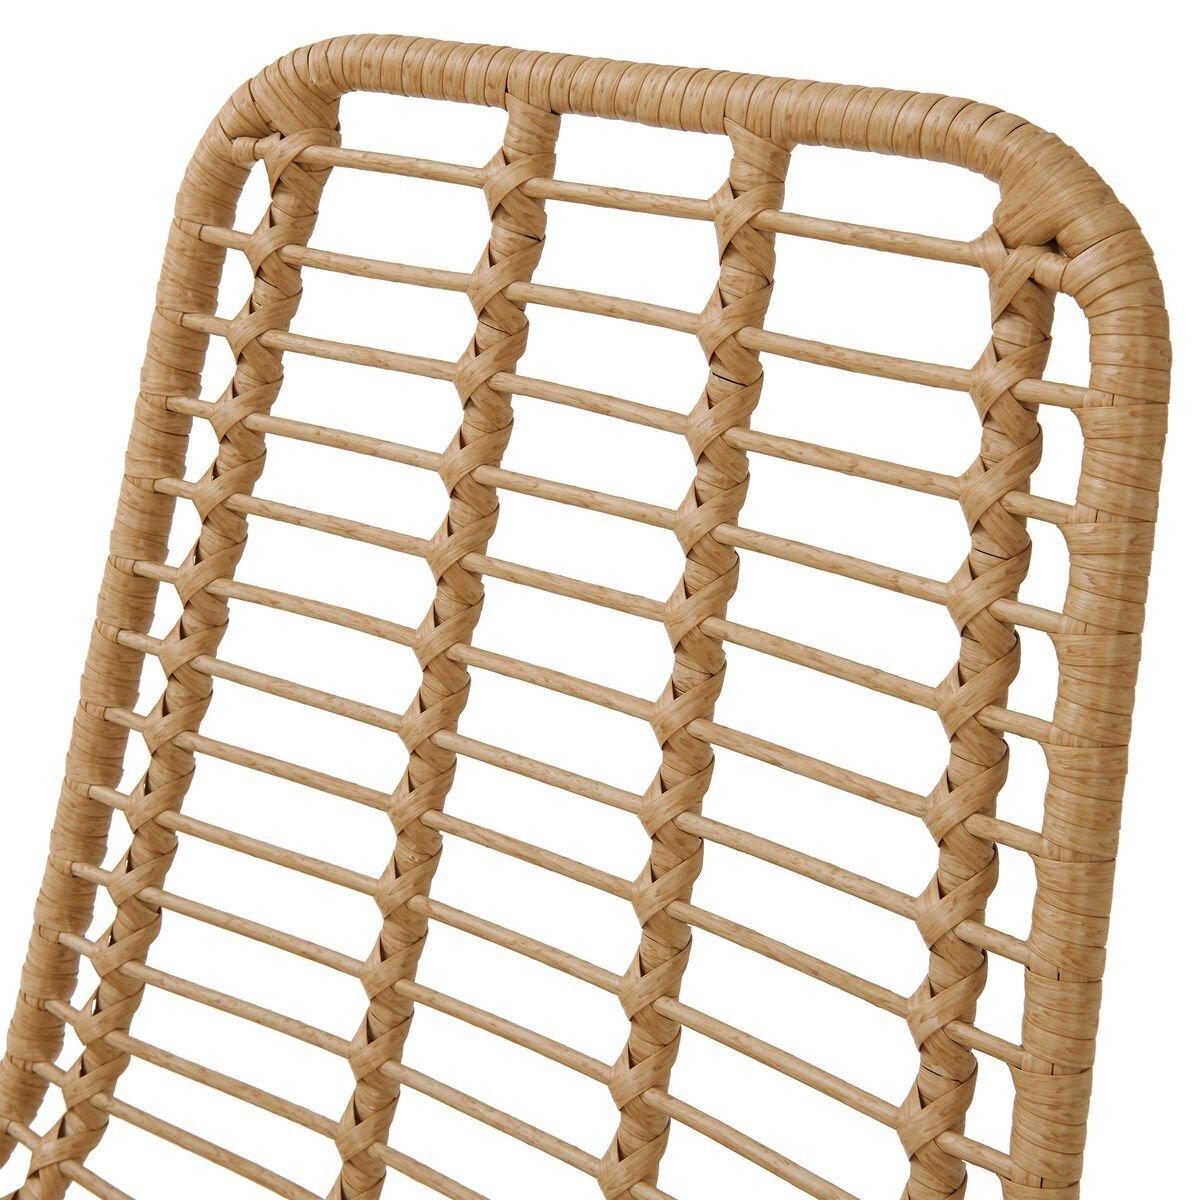 Bild 3 von Outdoor-Stuhl